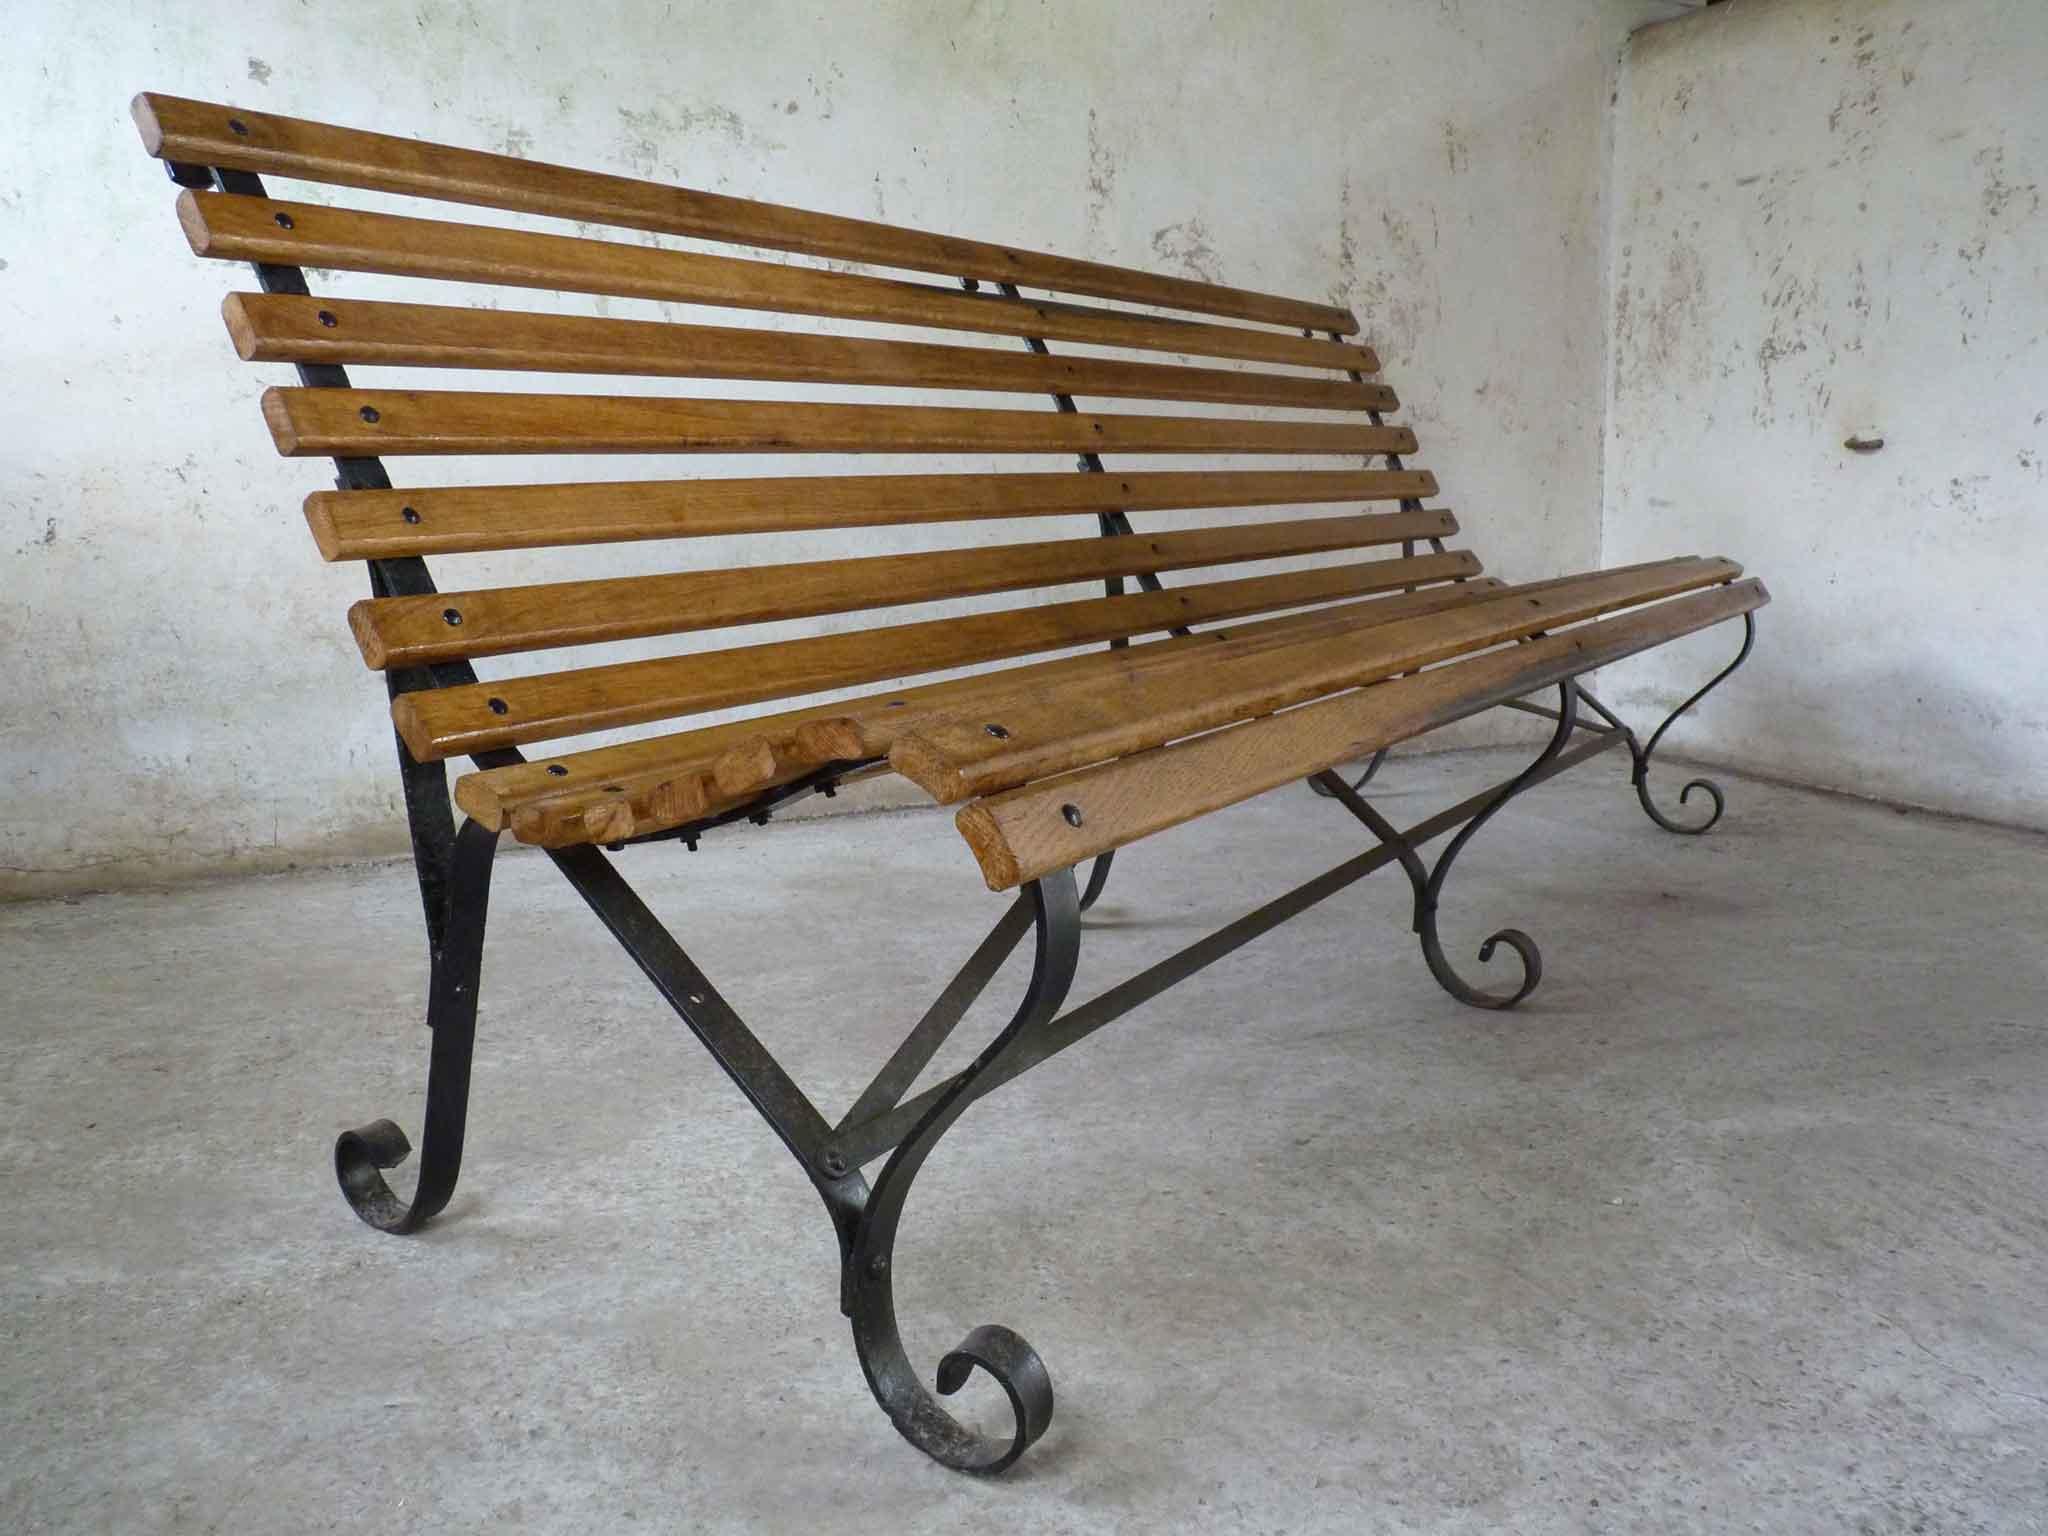 Antique wrought iron garden bench